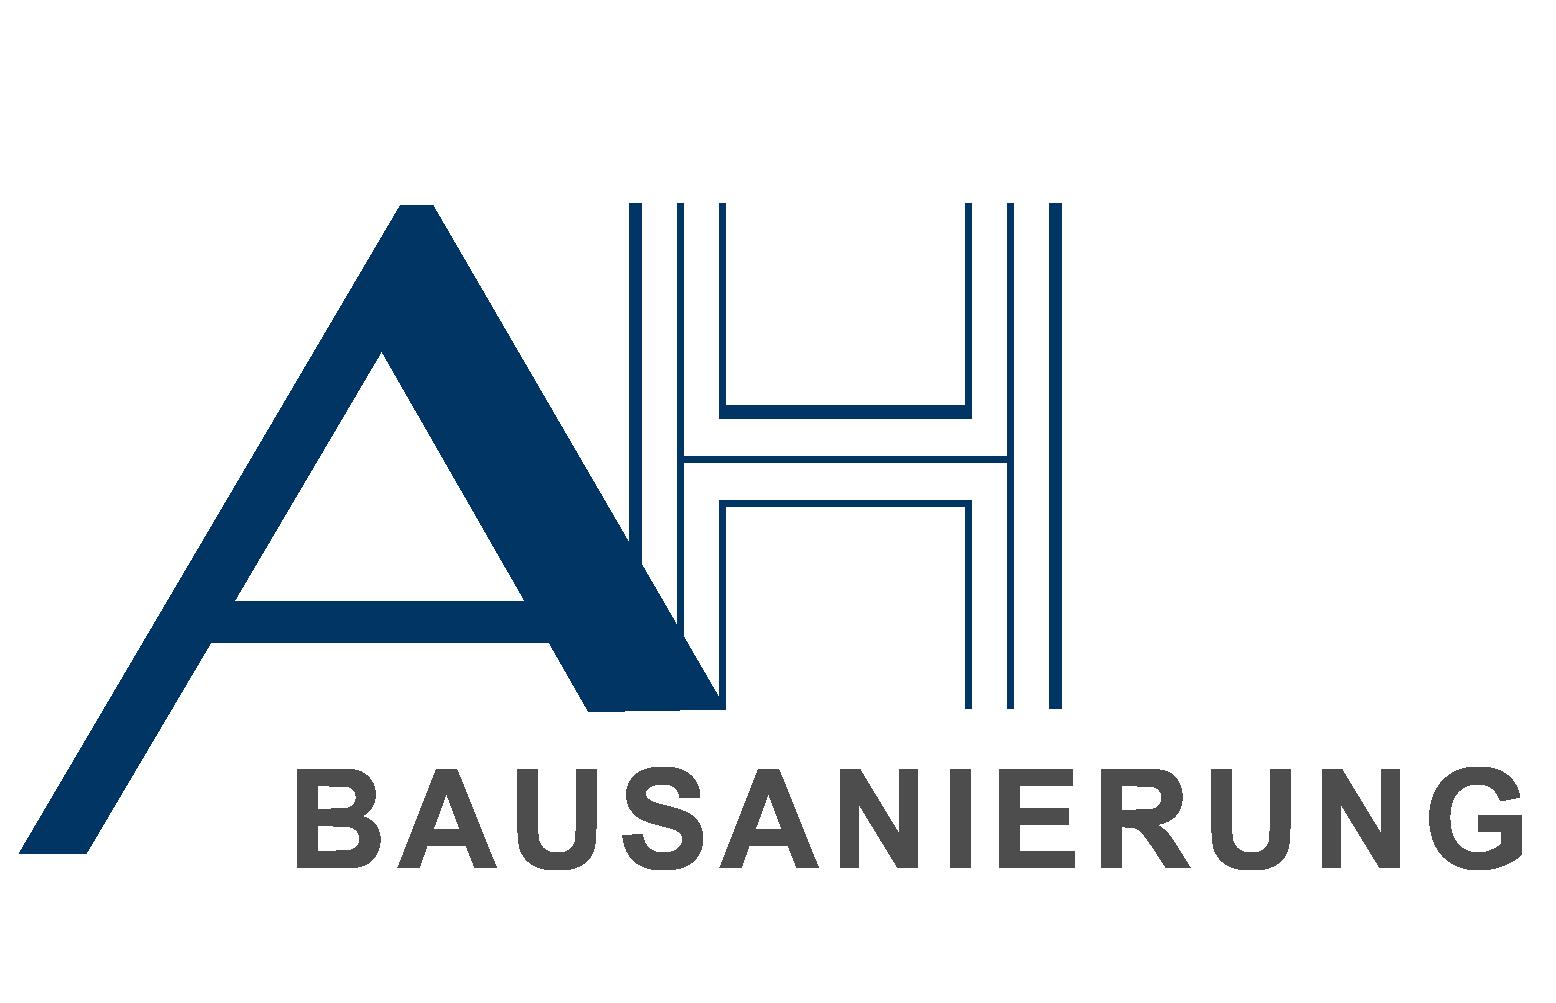 AH Bausanierung Bauleitung Fundament Setzungsrisse Unterfangung - Artur Heinrich